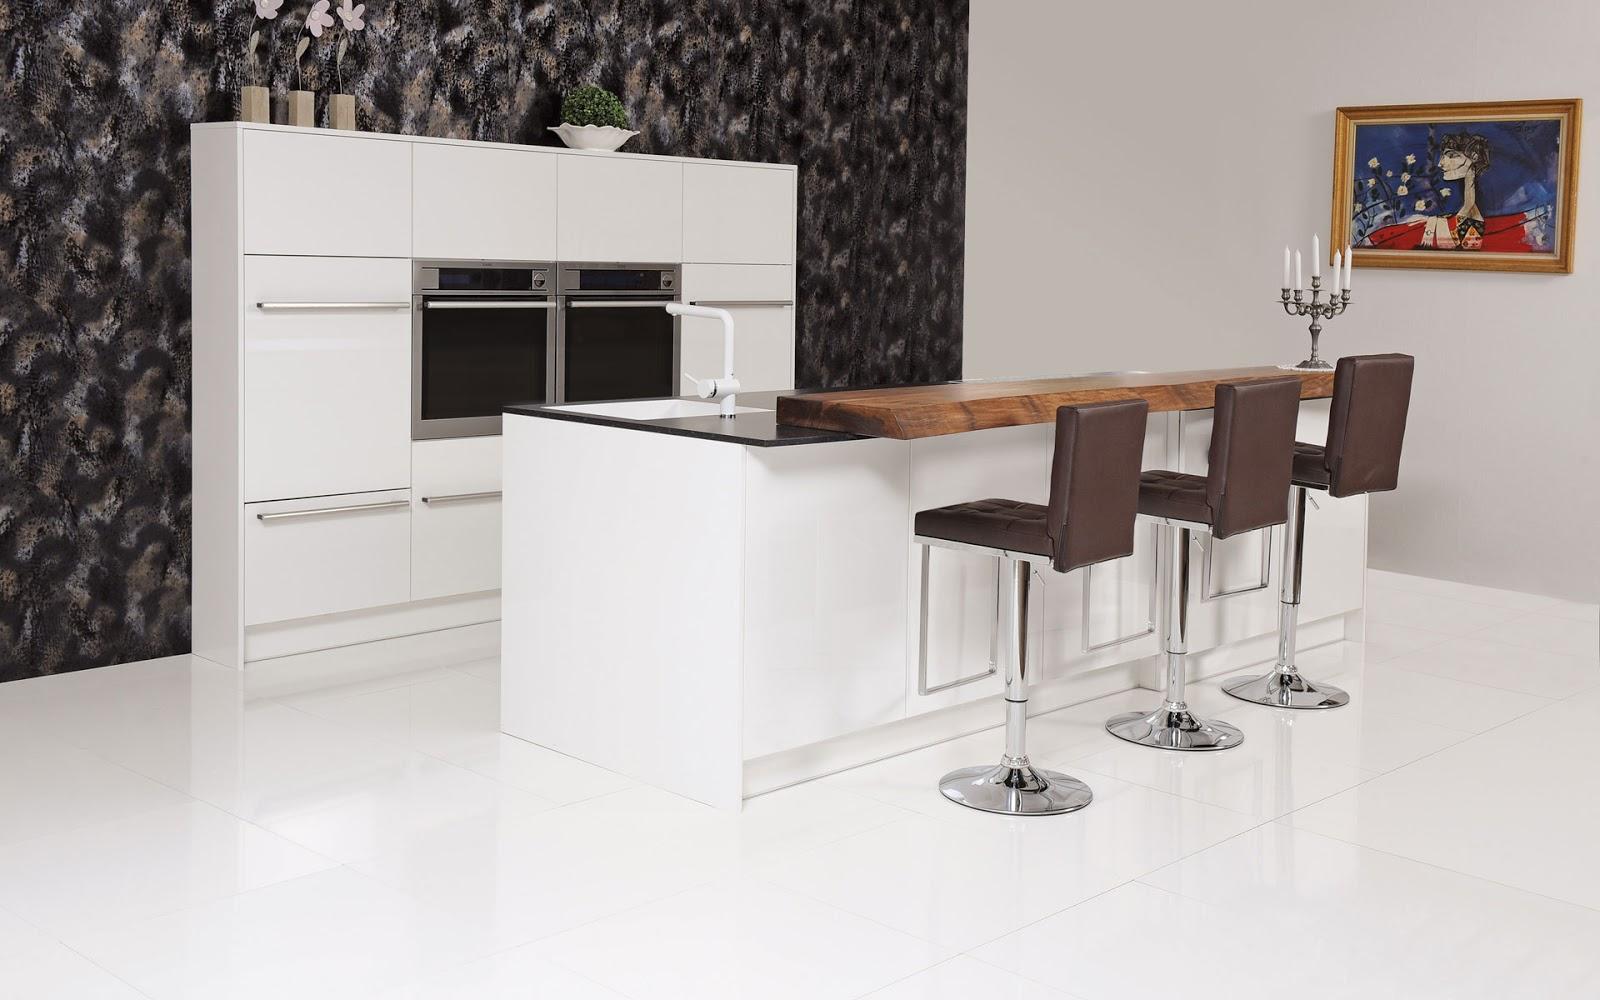 Muebles Para Cocinas : Ideas de mesas y barras para comer en la cocina